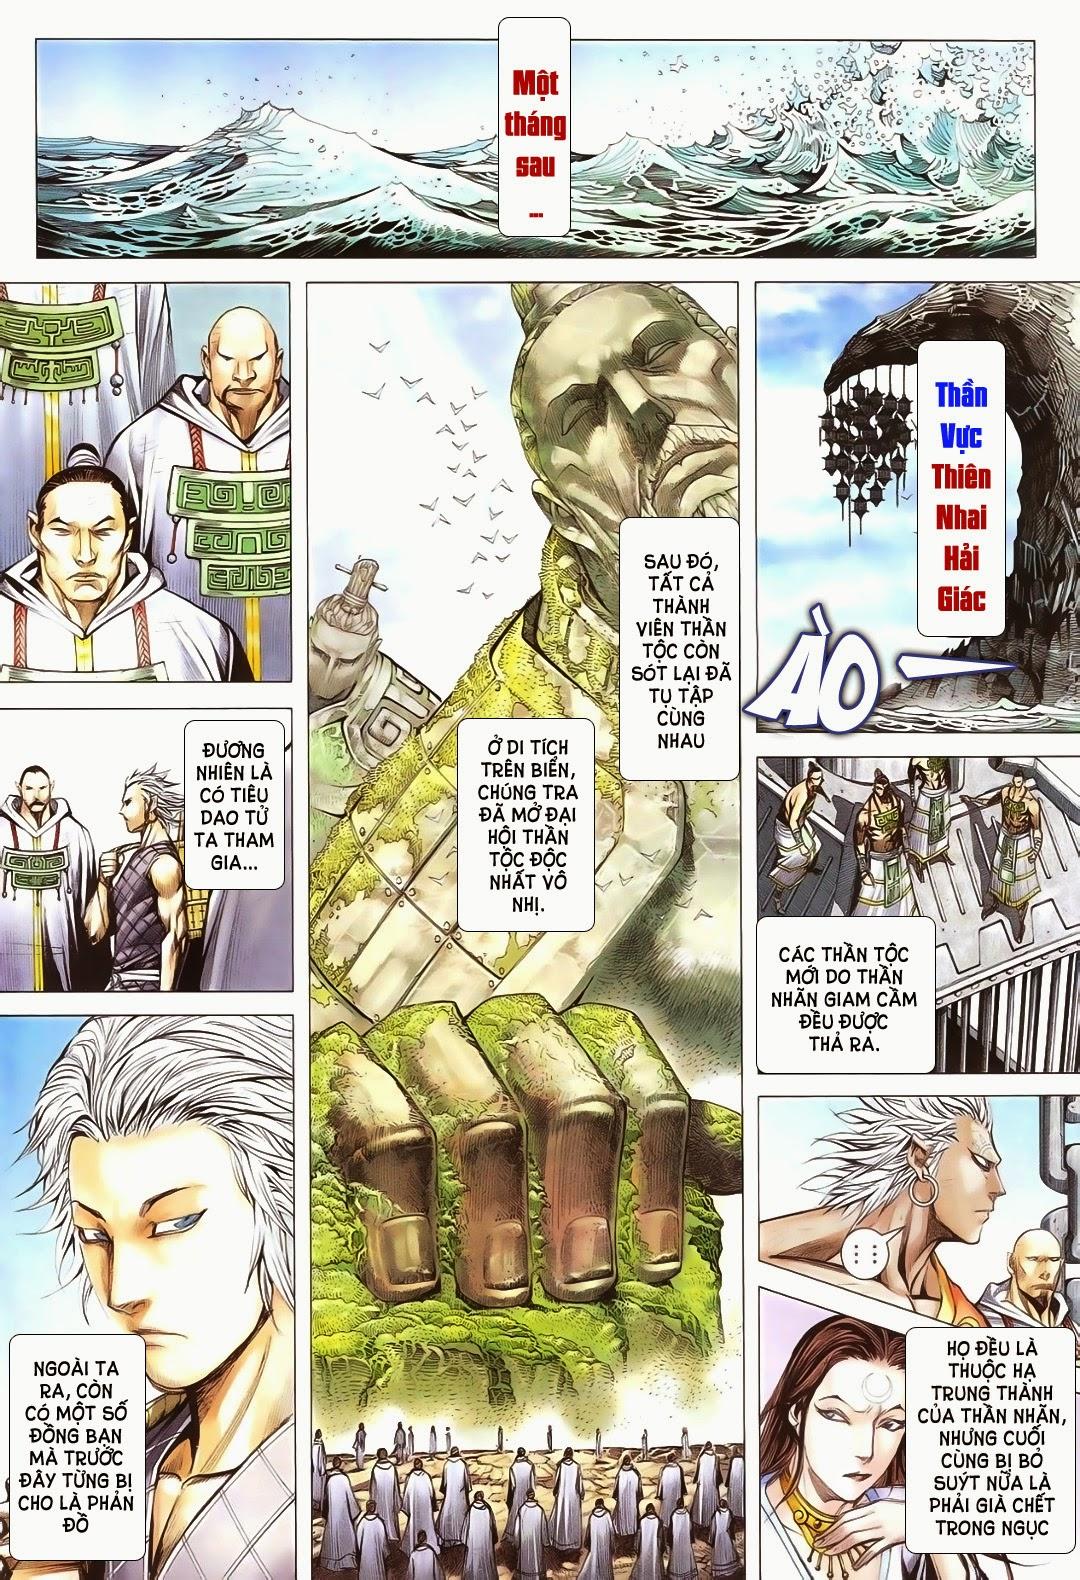 Phong Thần Ký chap 181 - Trang 11